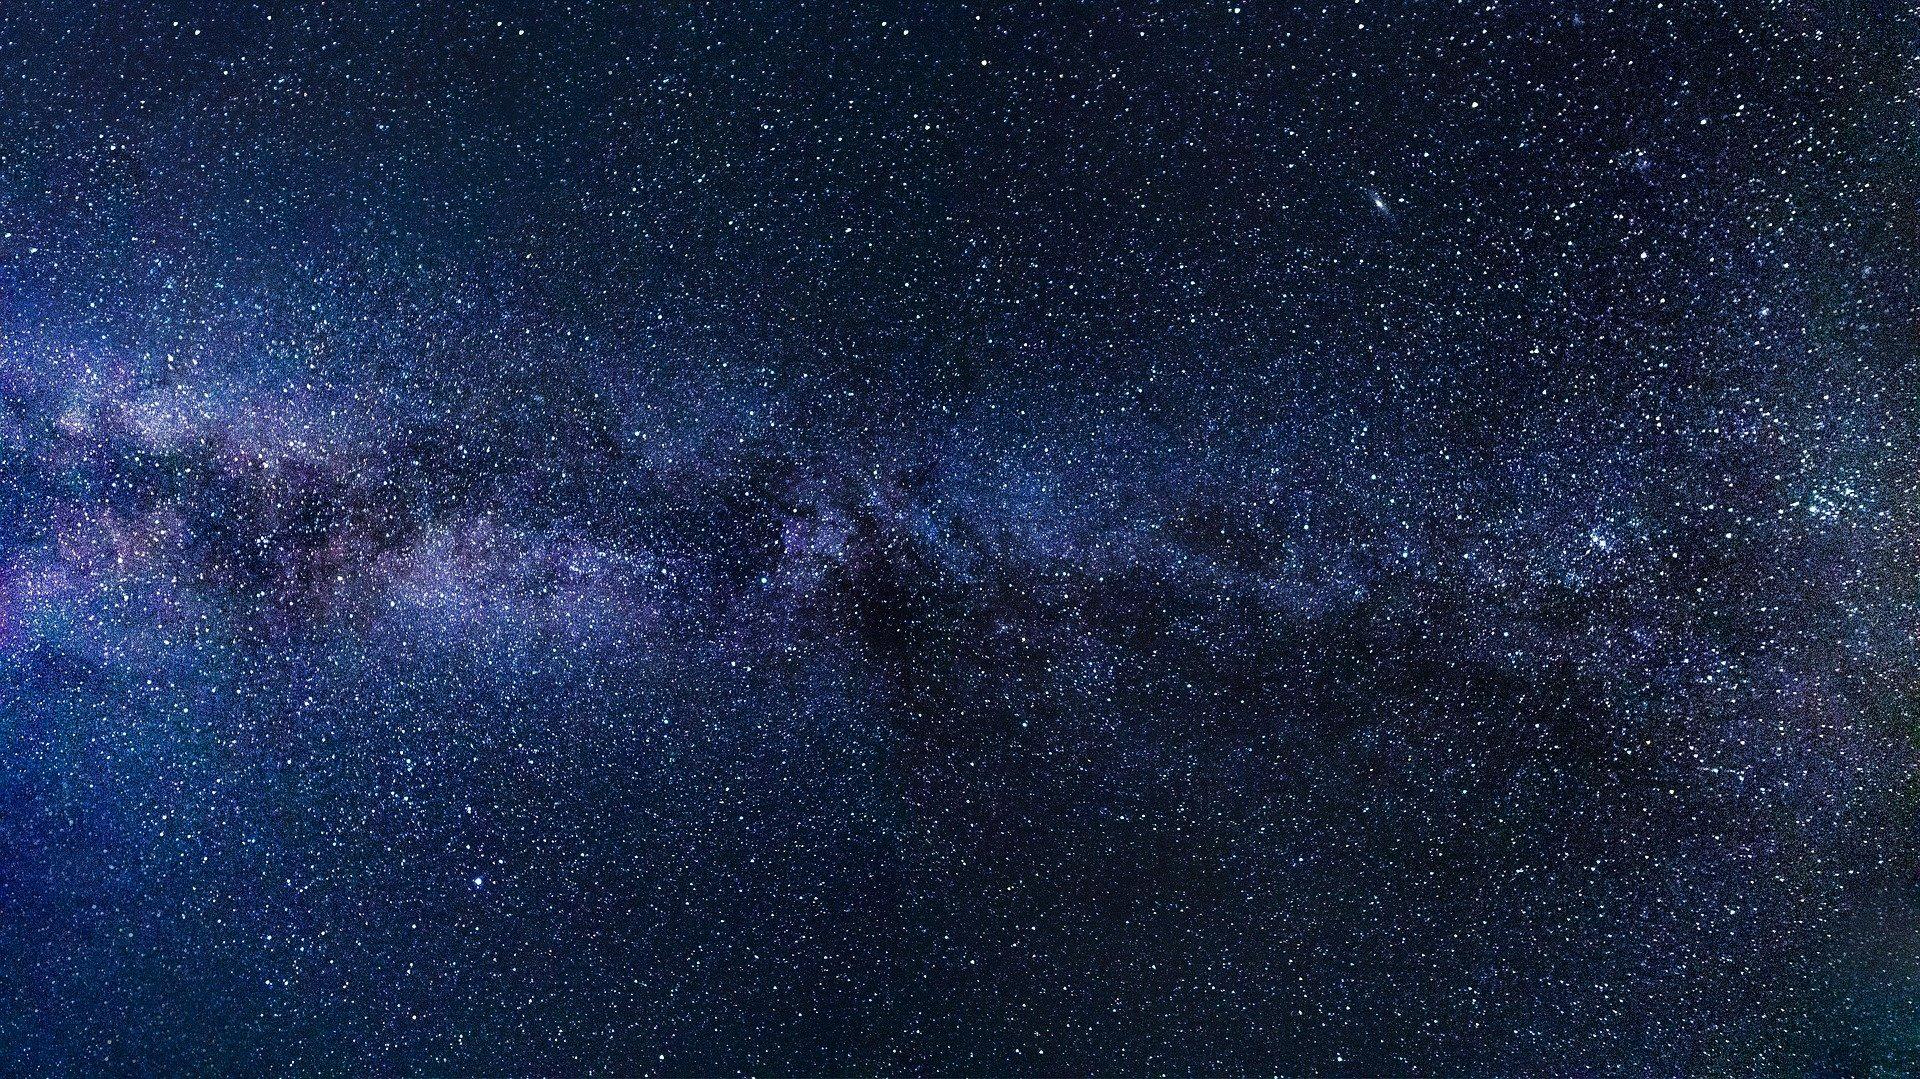 Rüyada Gökyüzünde Yıldız Topluluğu Görmek